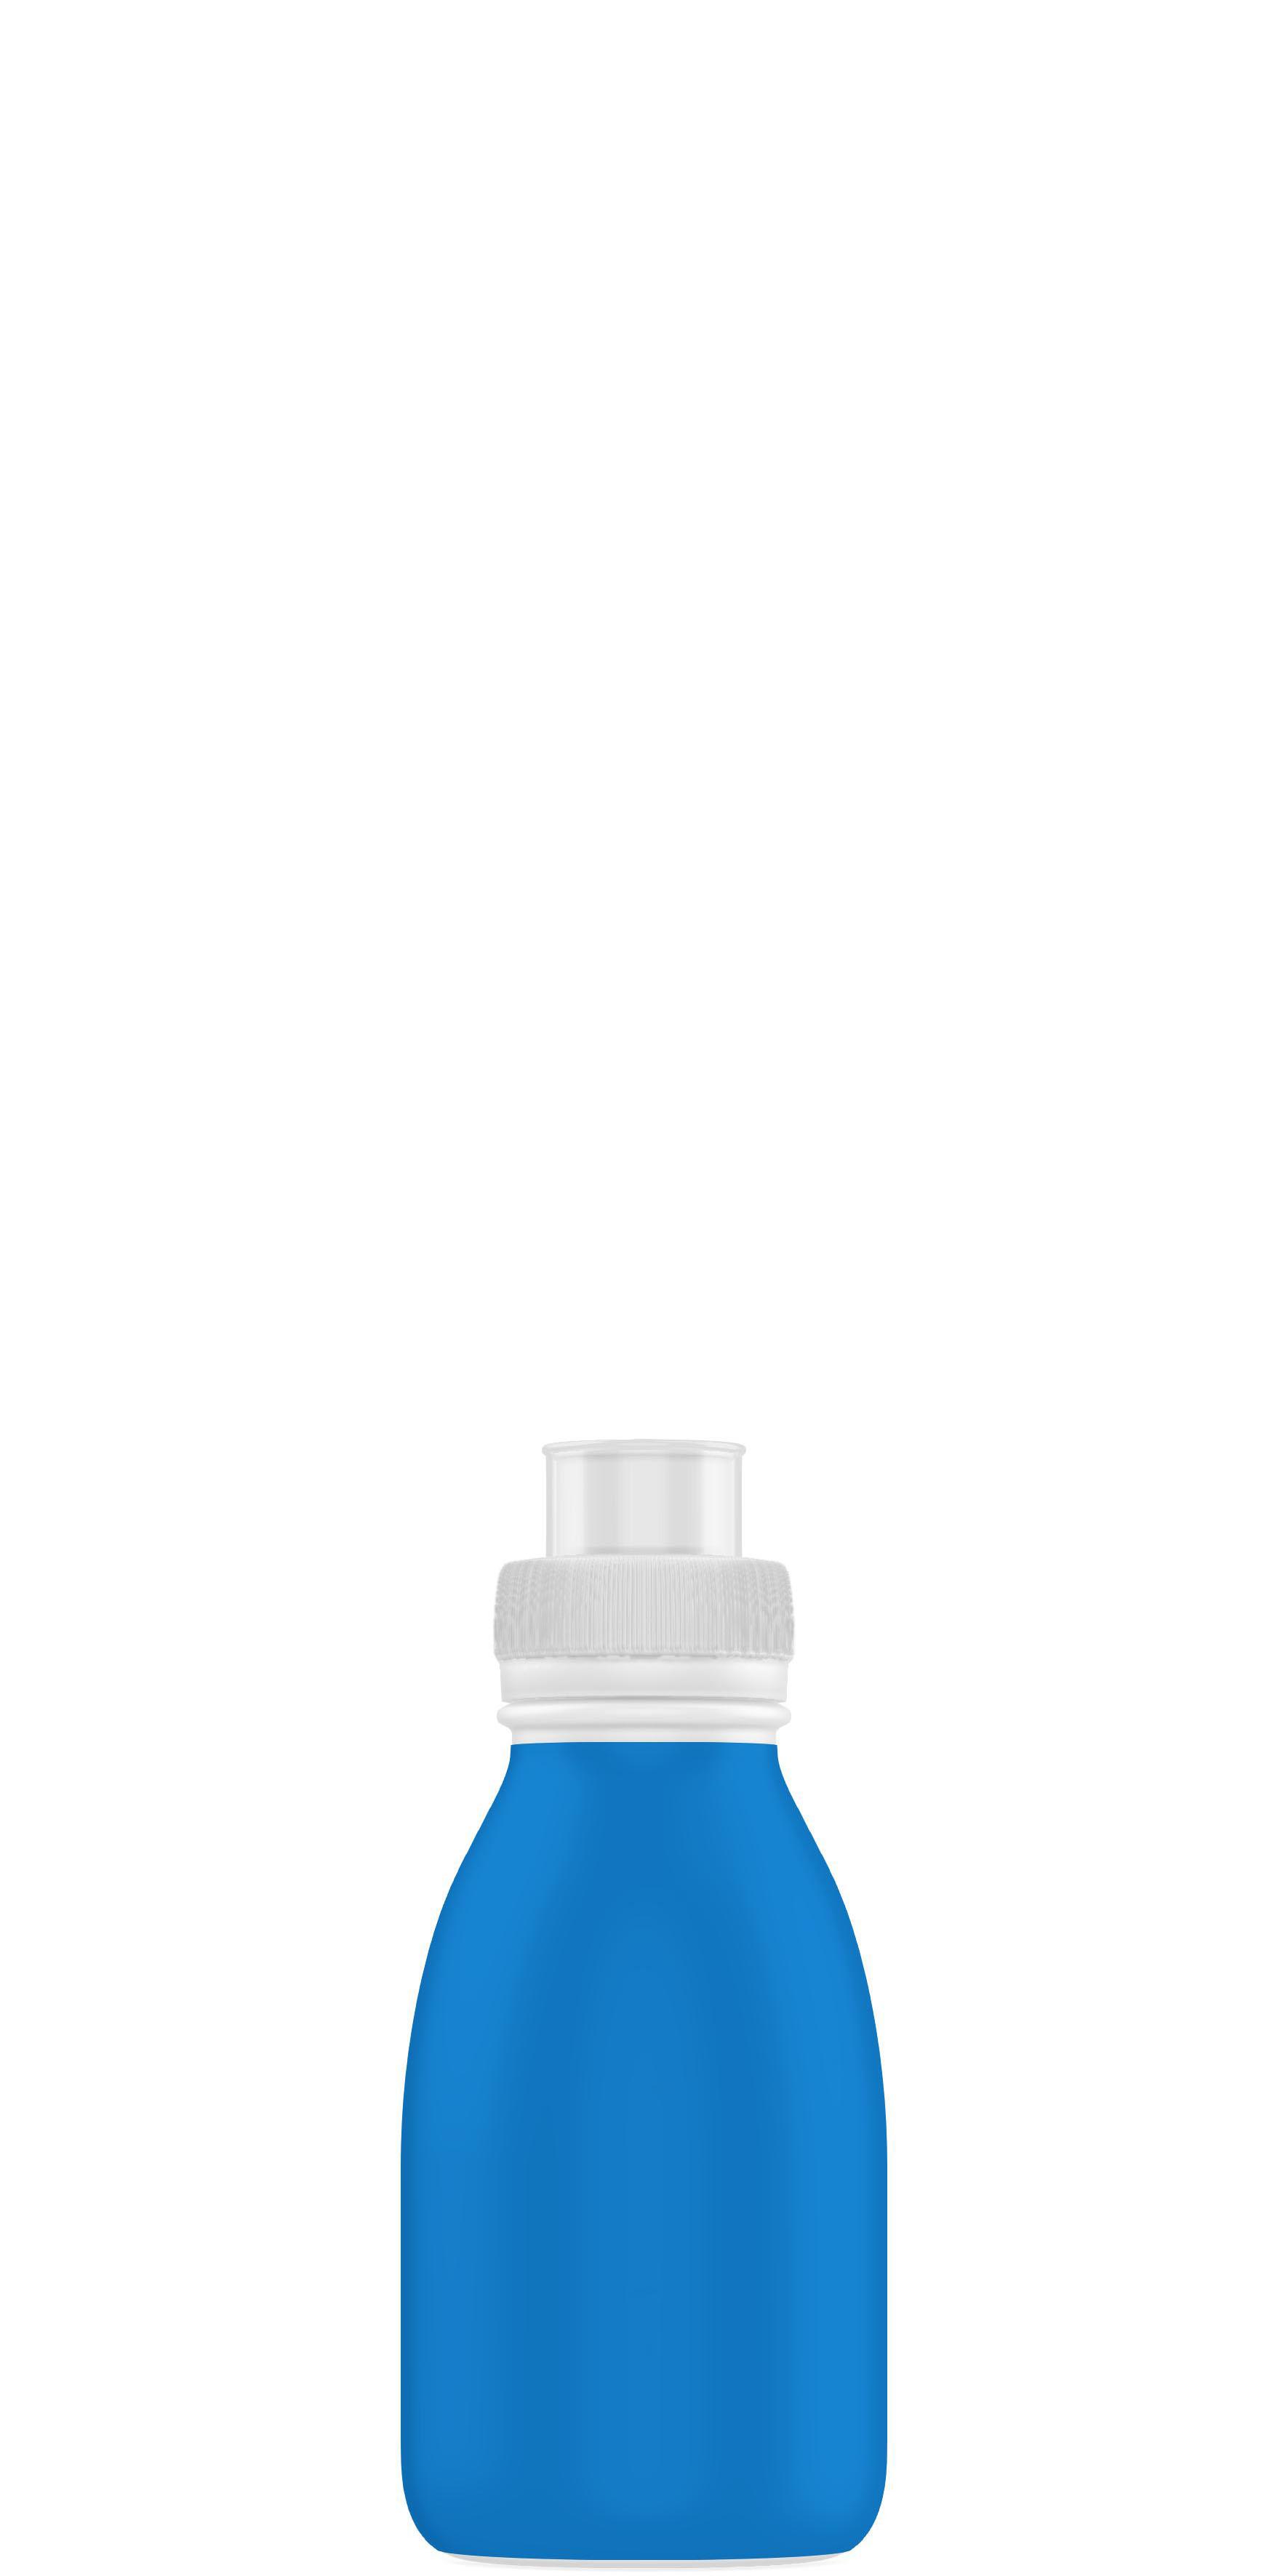 Forme emballage laits aromatisés 250ml